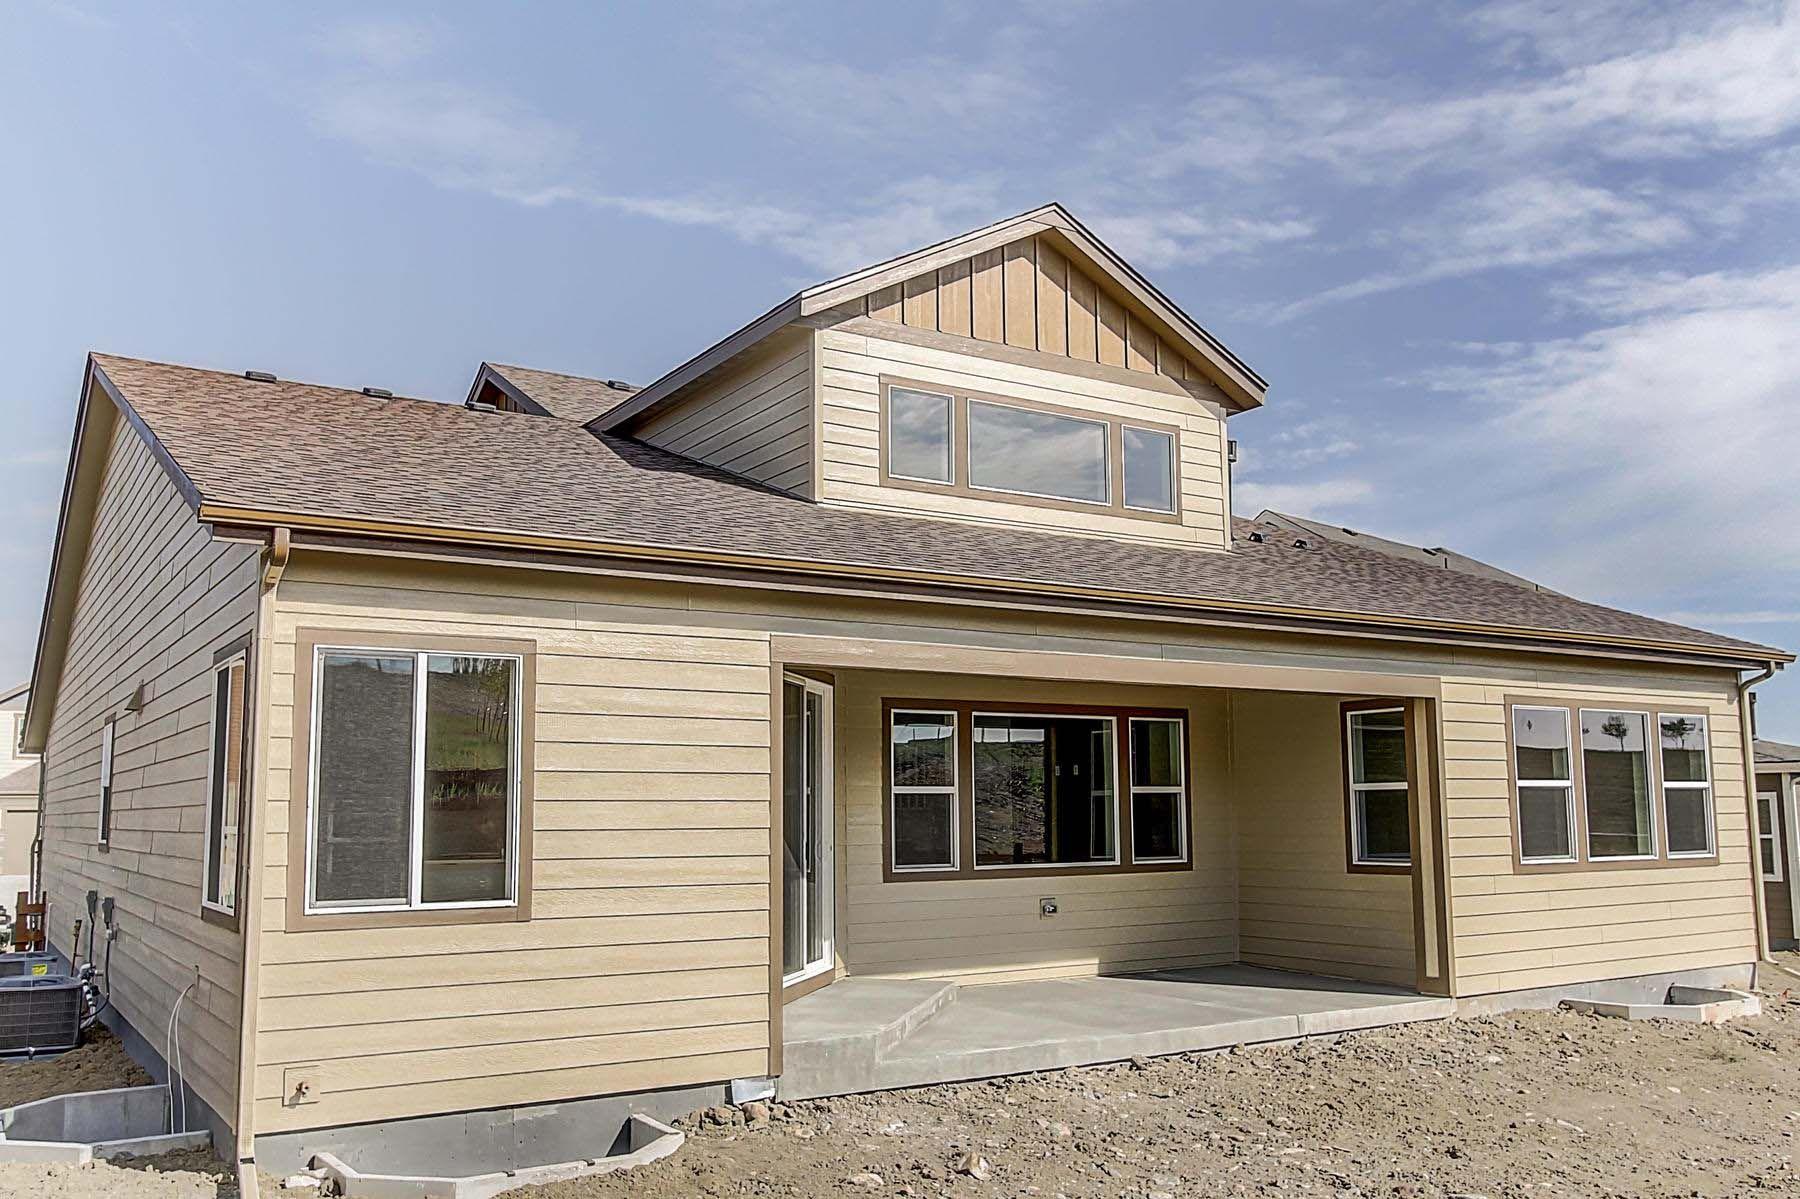 Unifamiliar por un Venta en Residence 5005 18214 W 92nd Ln Arvada, Colorado 80007 United States